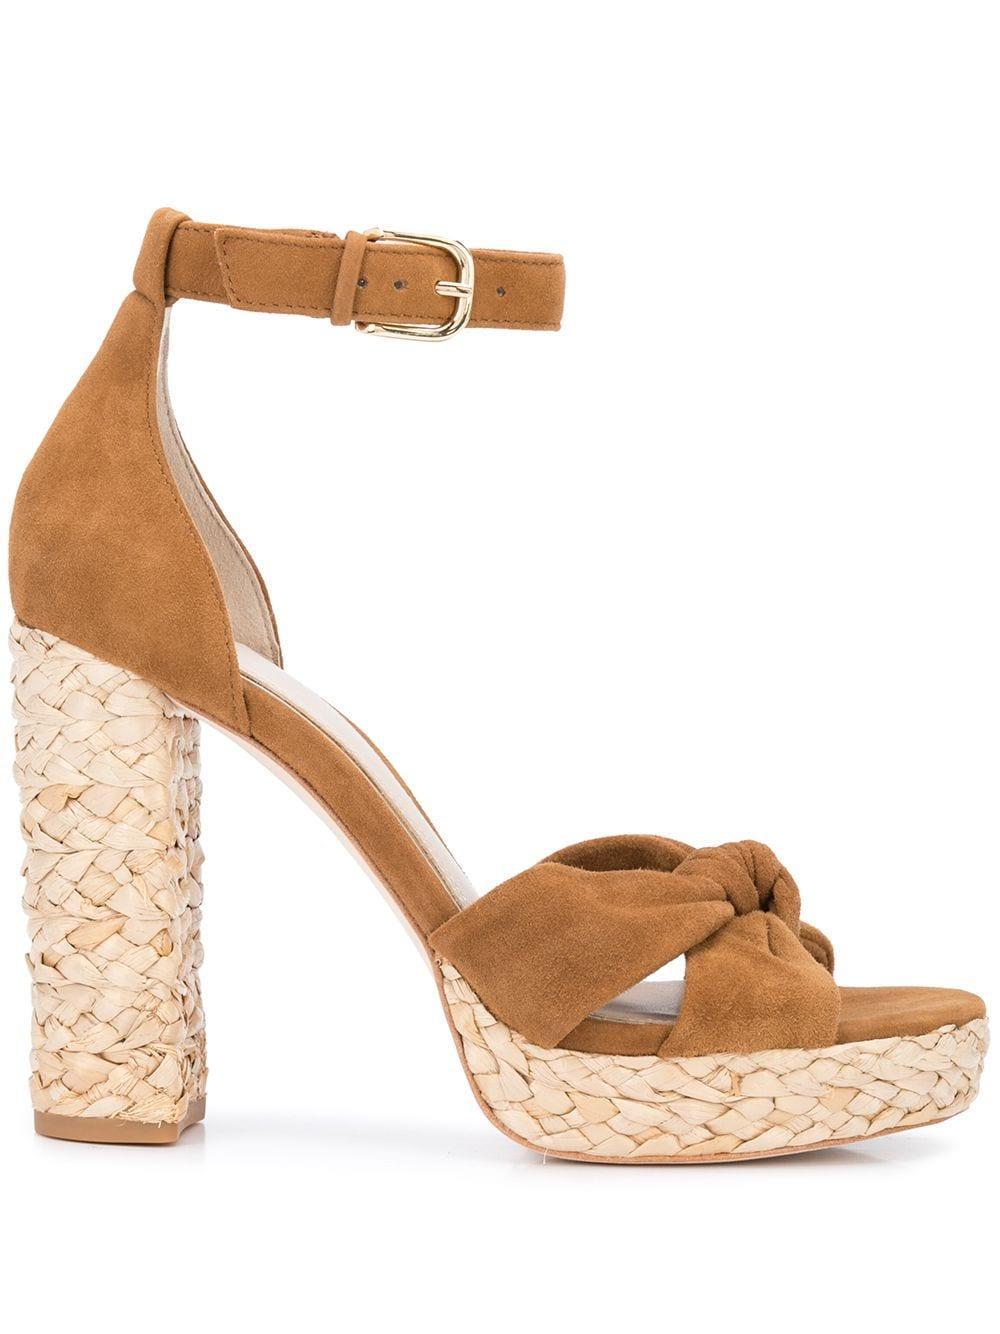 Suede Ankle Strap Straw Heel Platform Sandals